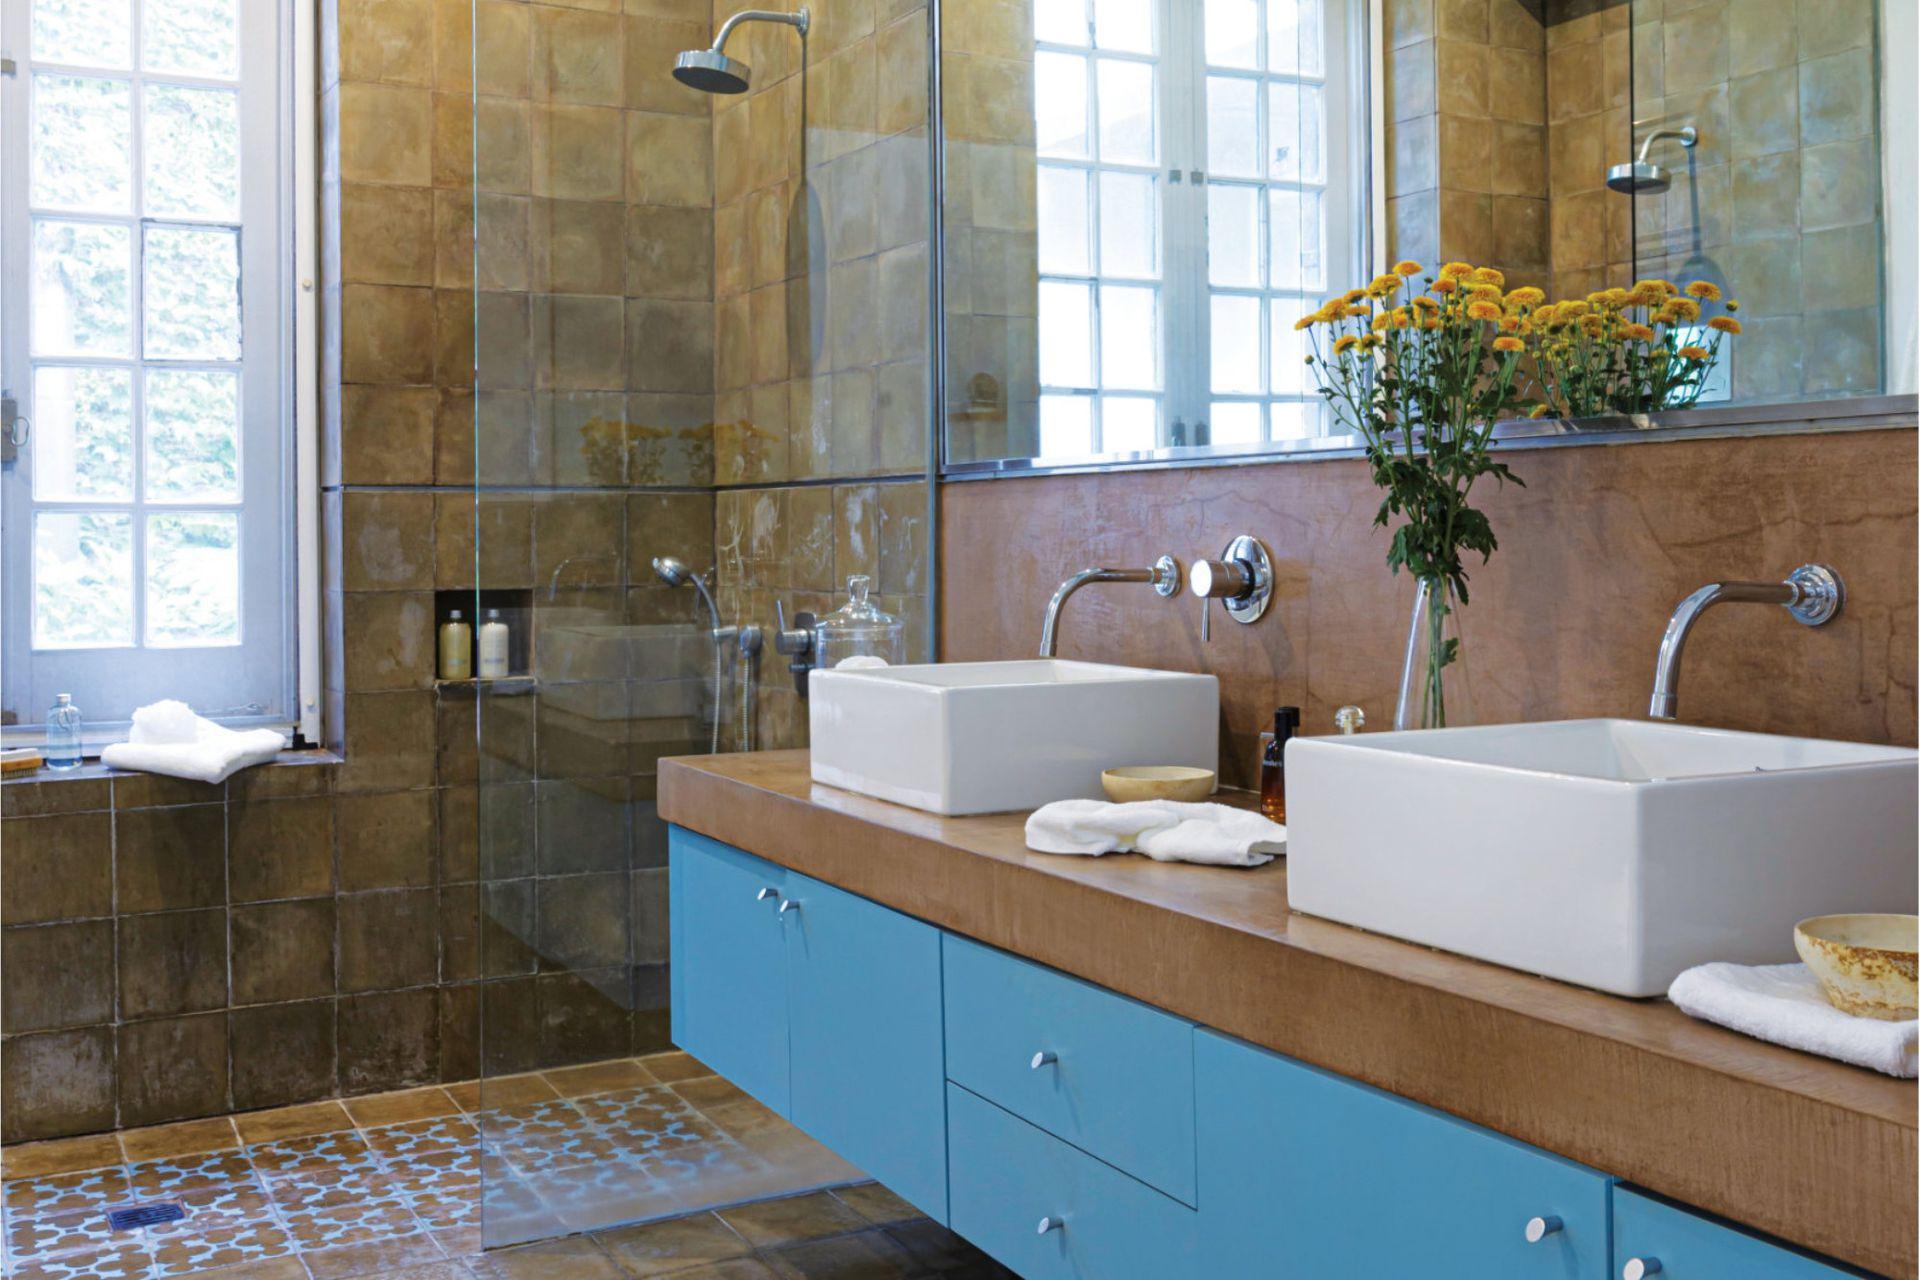 El baño está revestido en calcáreos y cerámicos, y el mueble fue laqueado a tono con estos últimos.